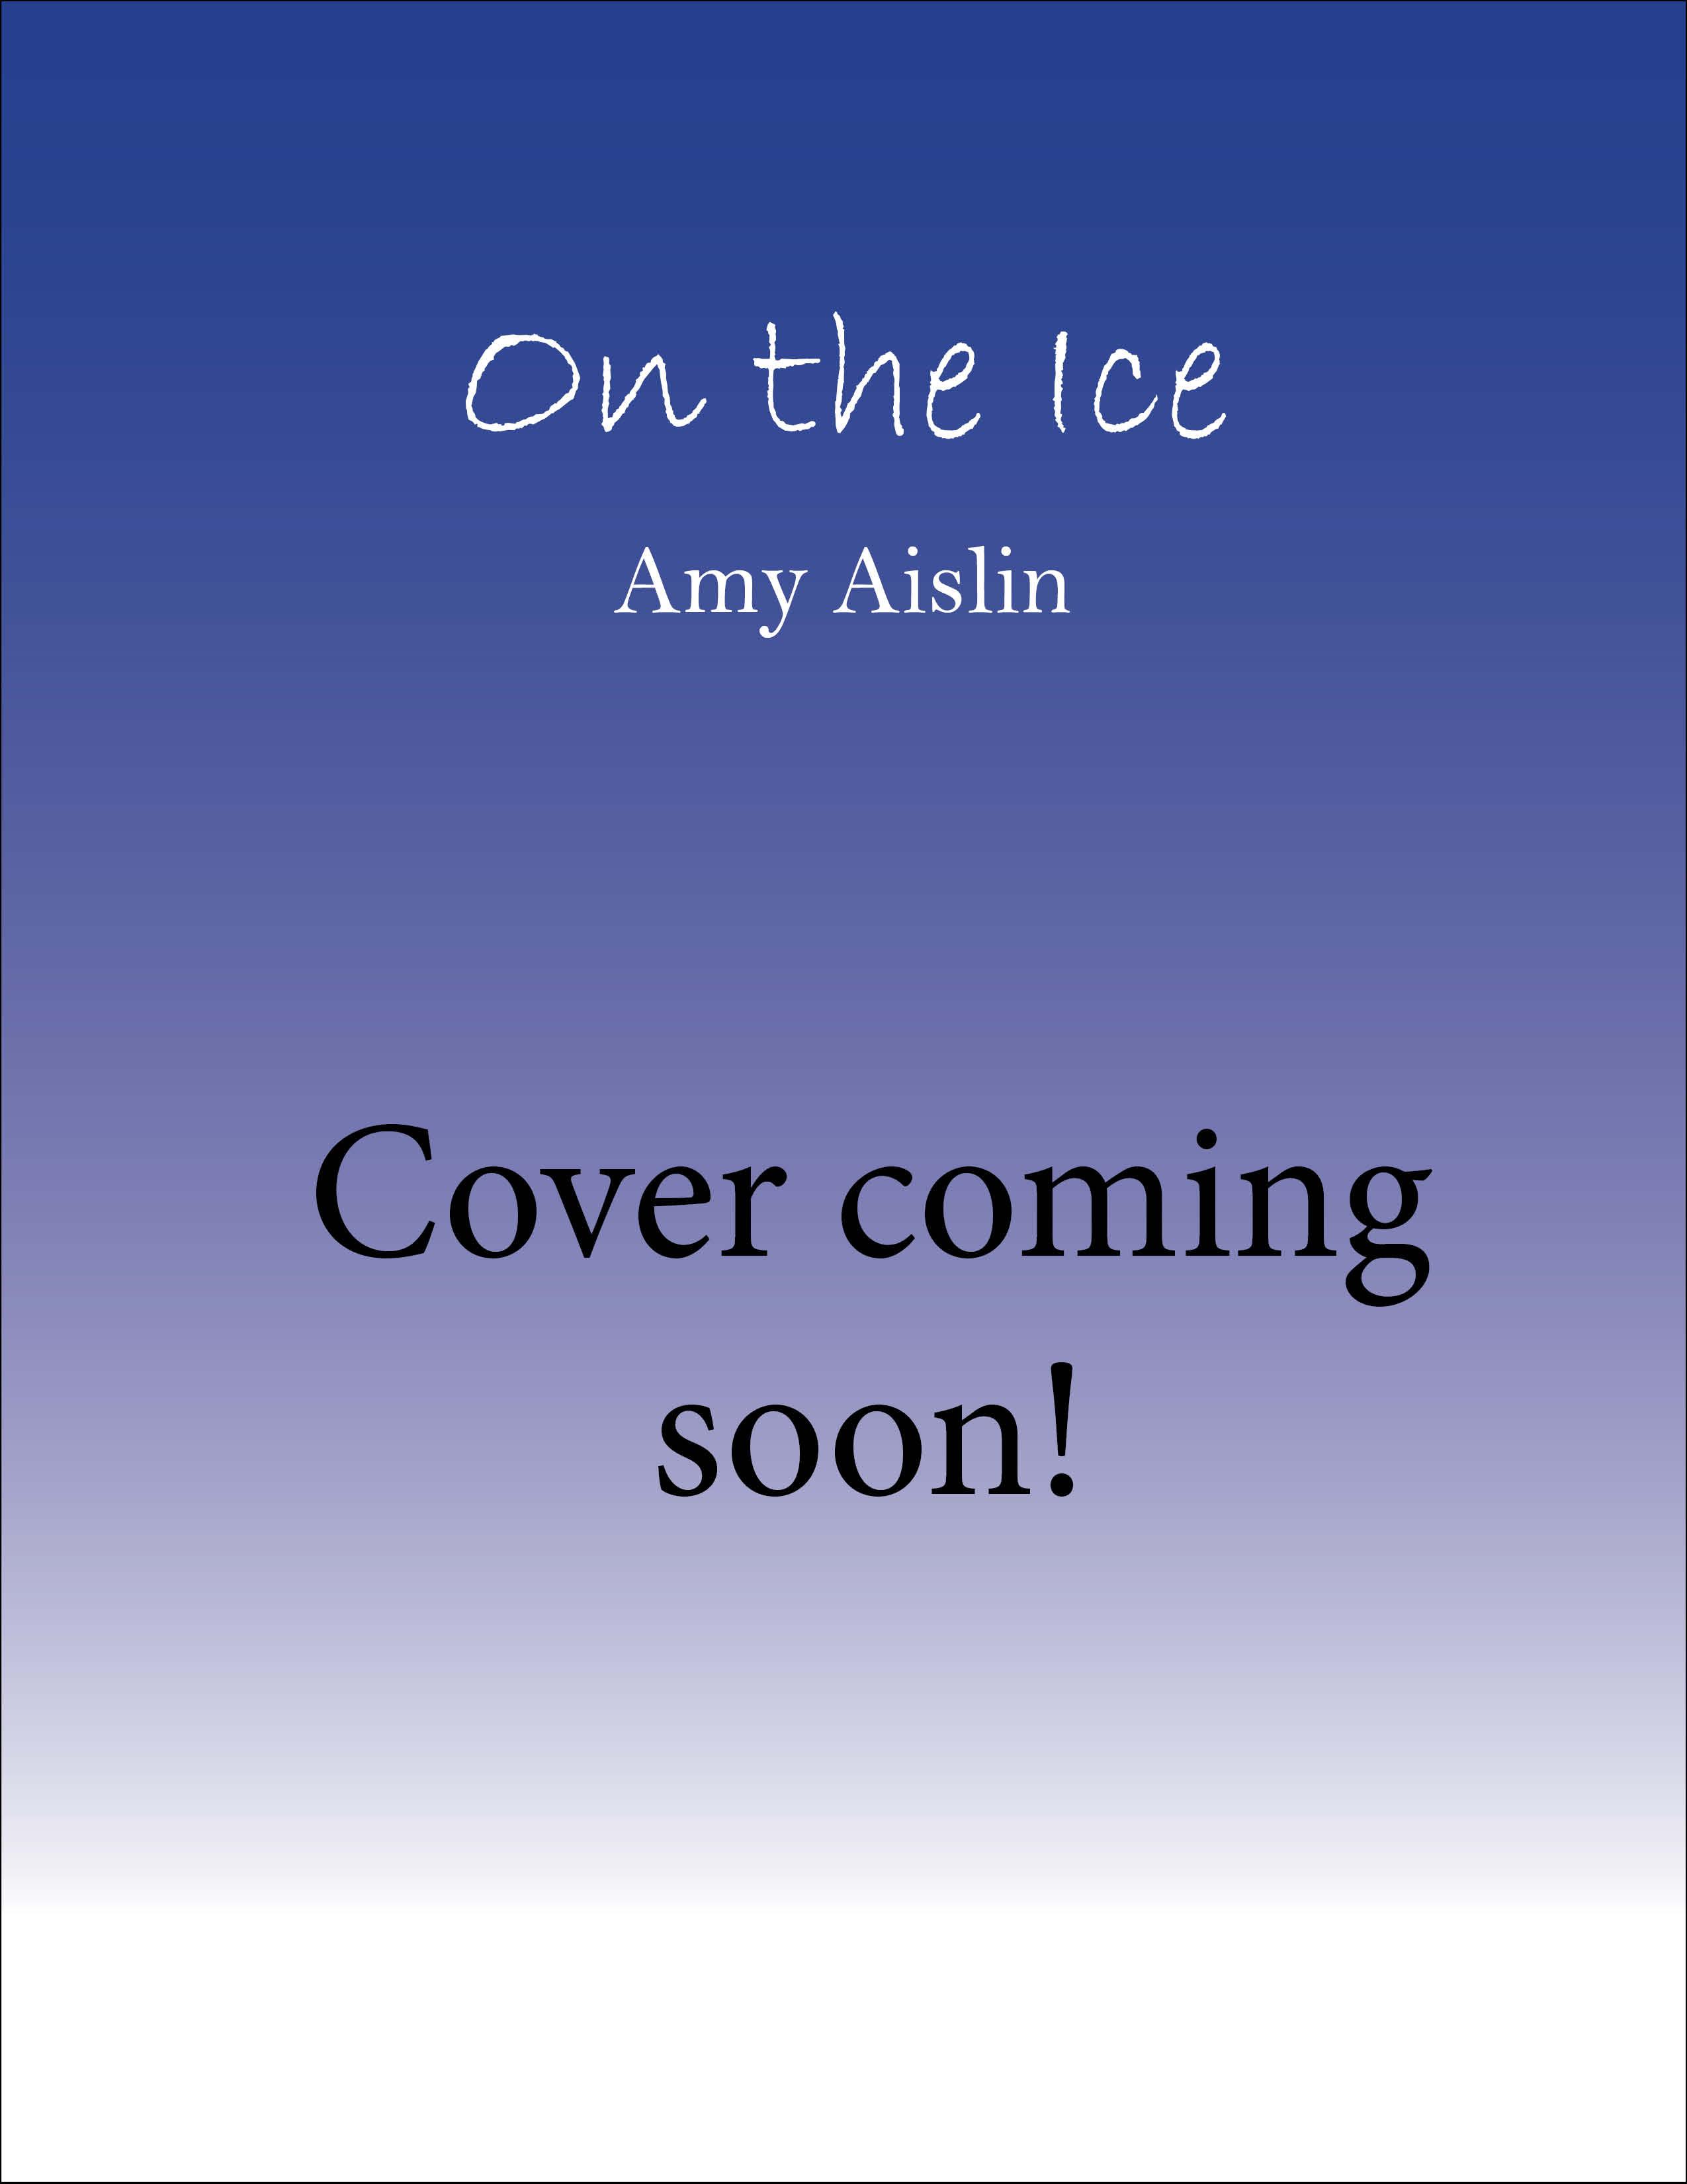 On the Ice_Amy Aislin